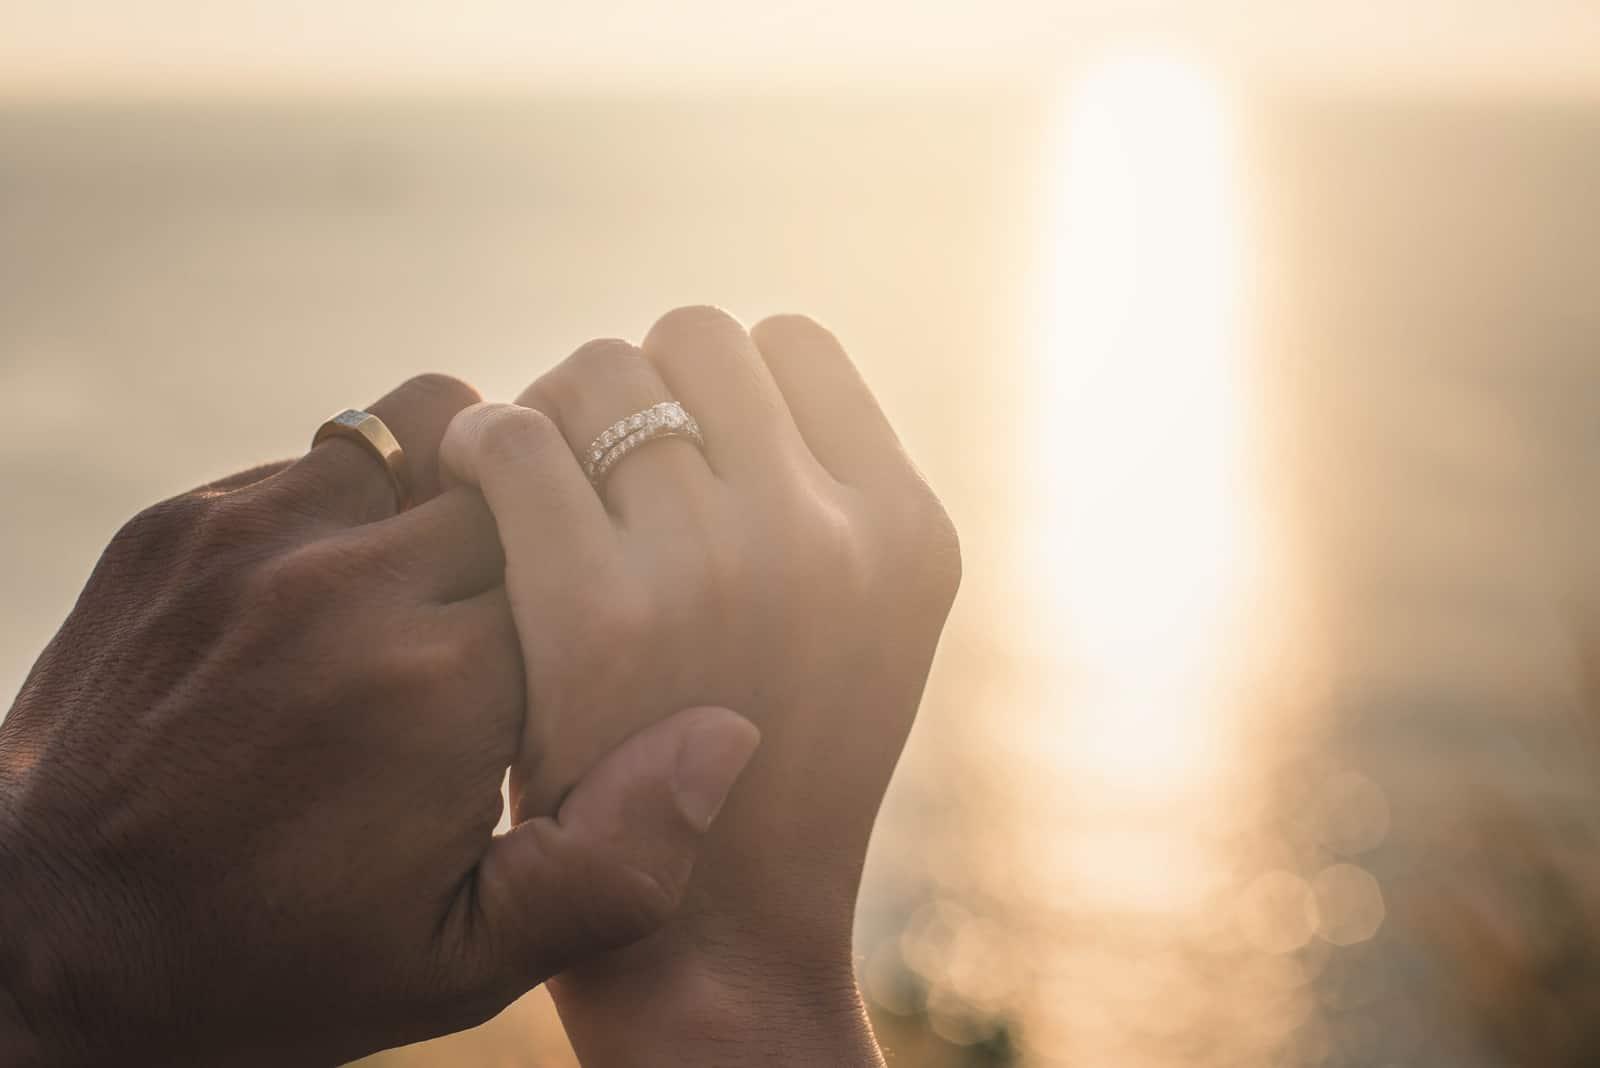 Hochzeitspaar hält Händchen